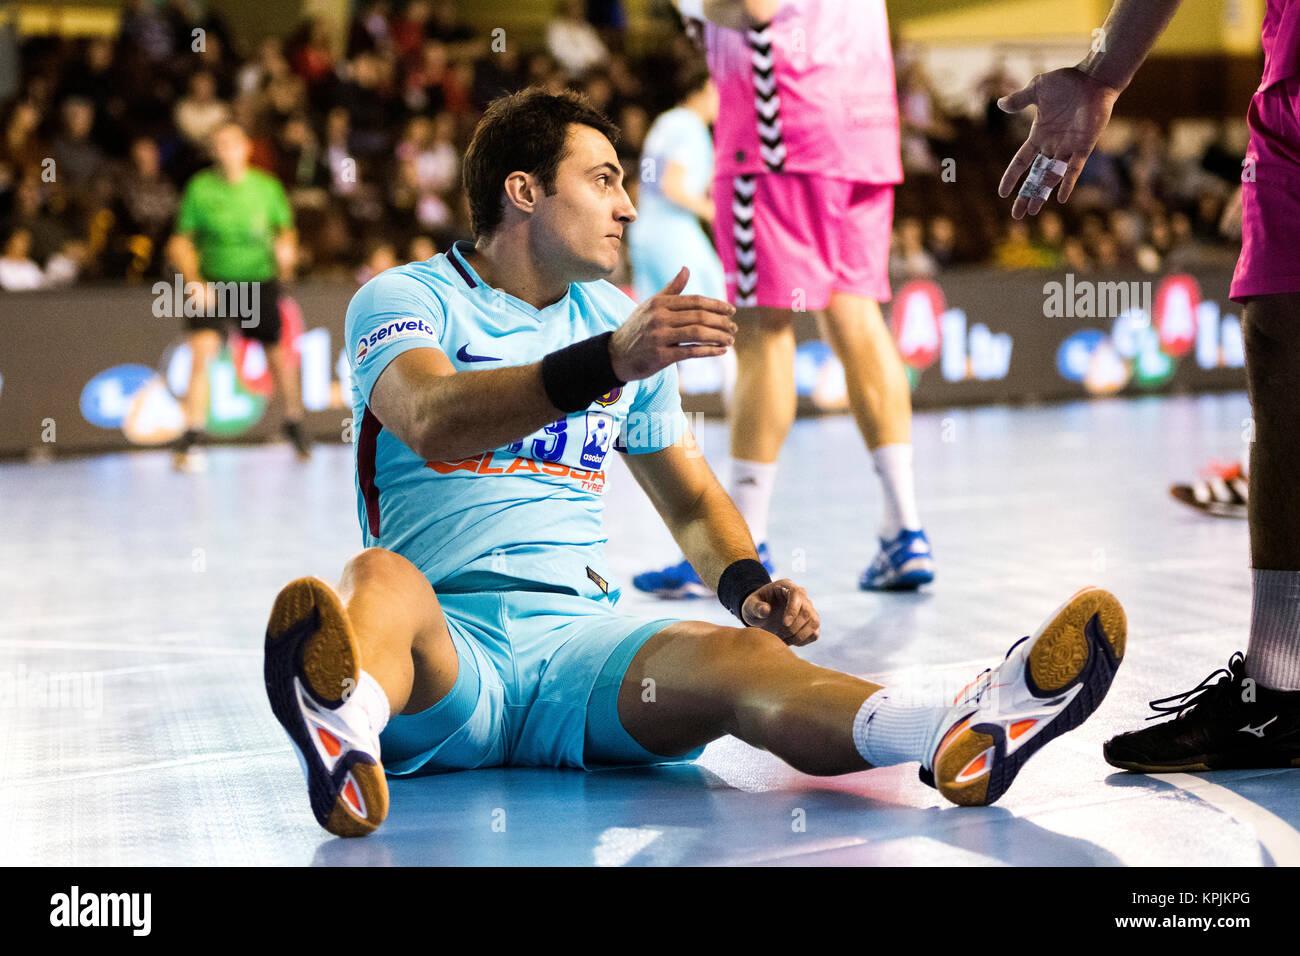 Leon, Spagna. 16 dicembre, 2017. Aitor Ariño (FC Barcelona) durante la partita di pallamano di spagnolo 2017/2018 Foto Stock